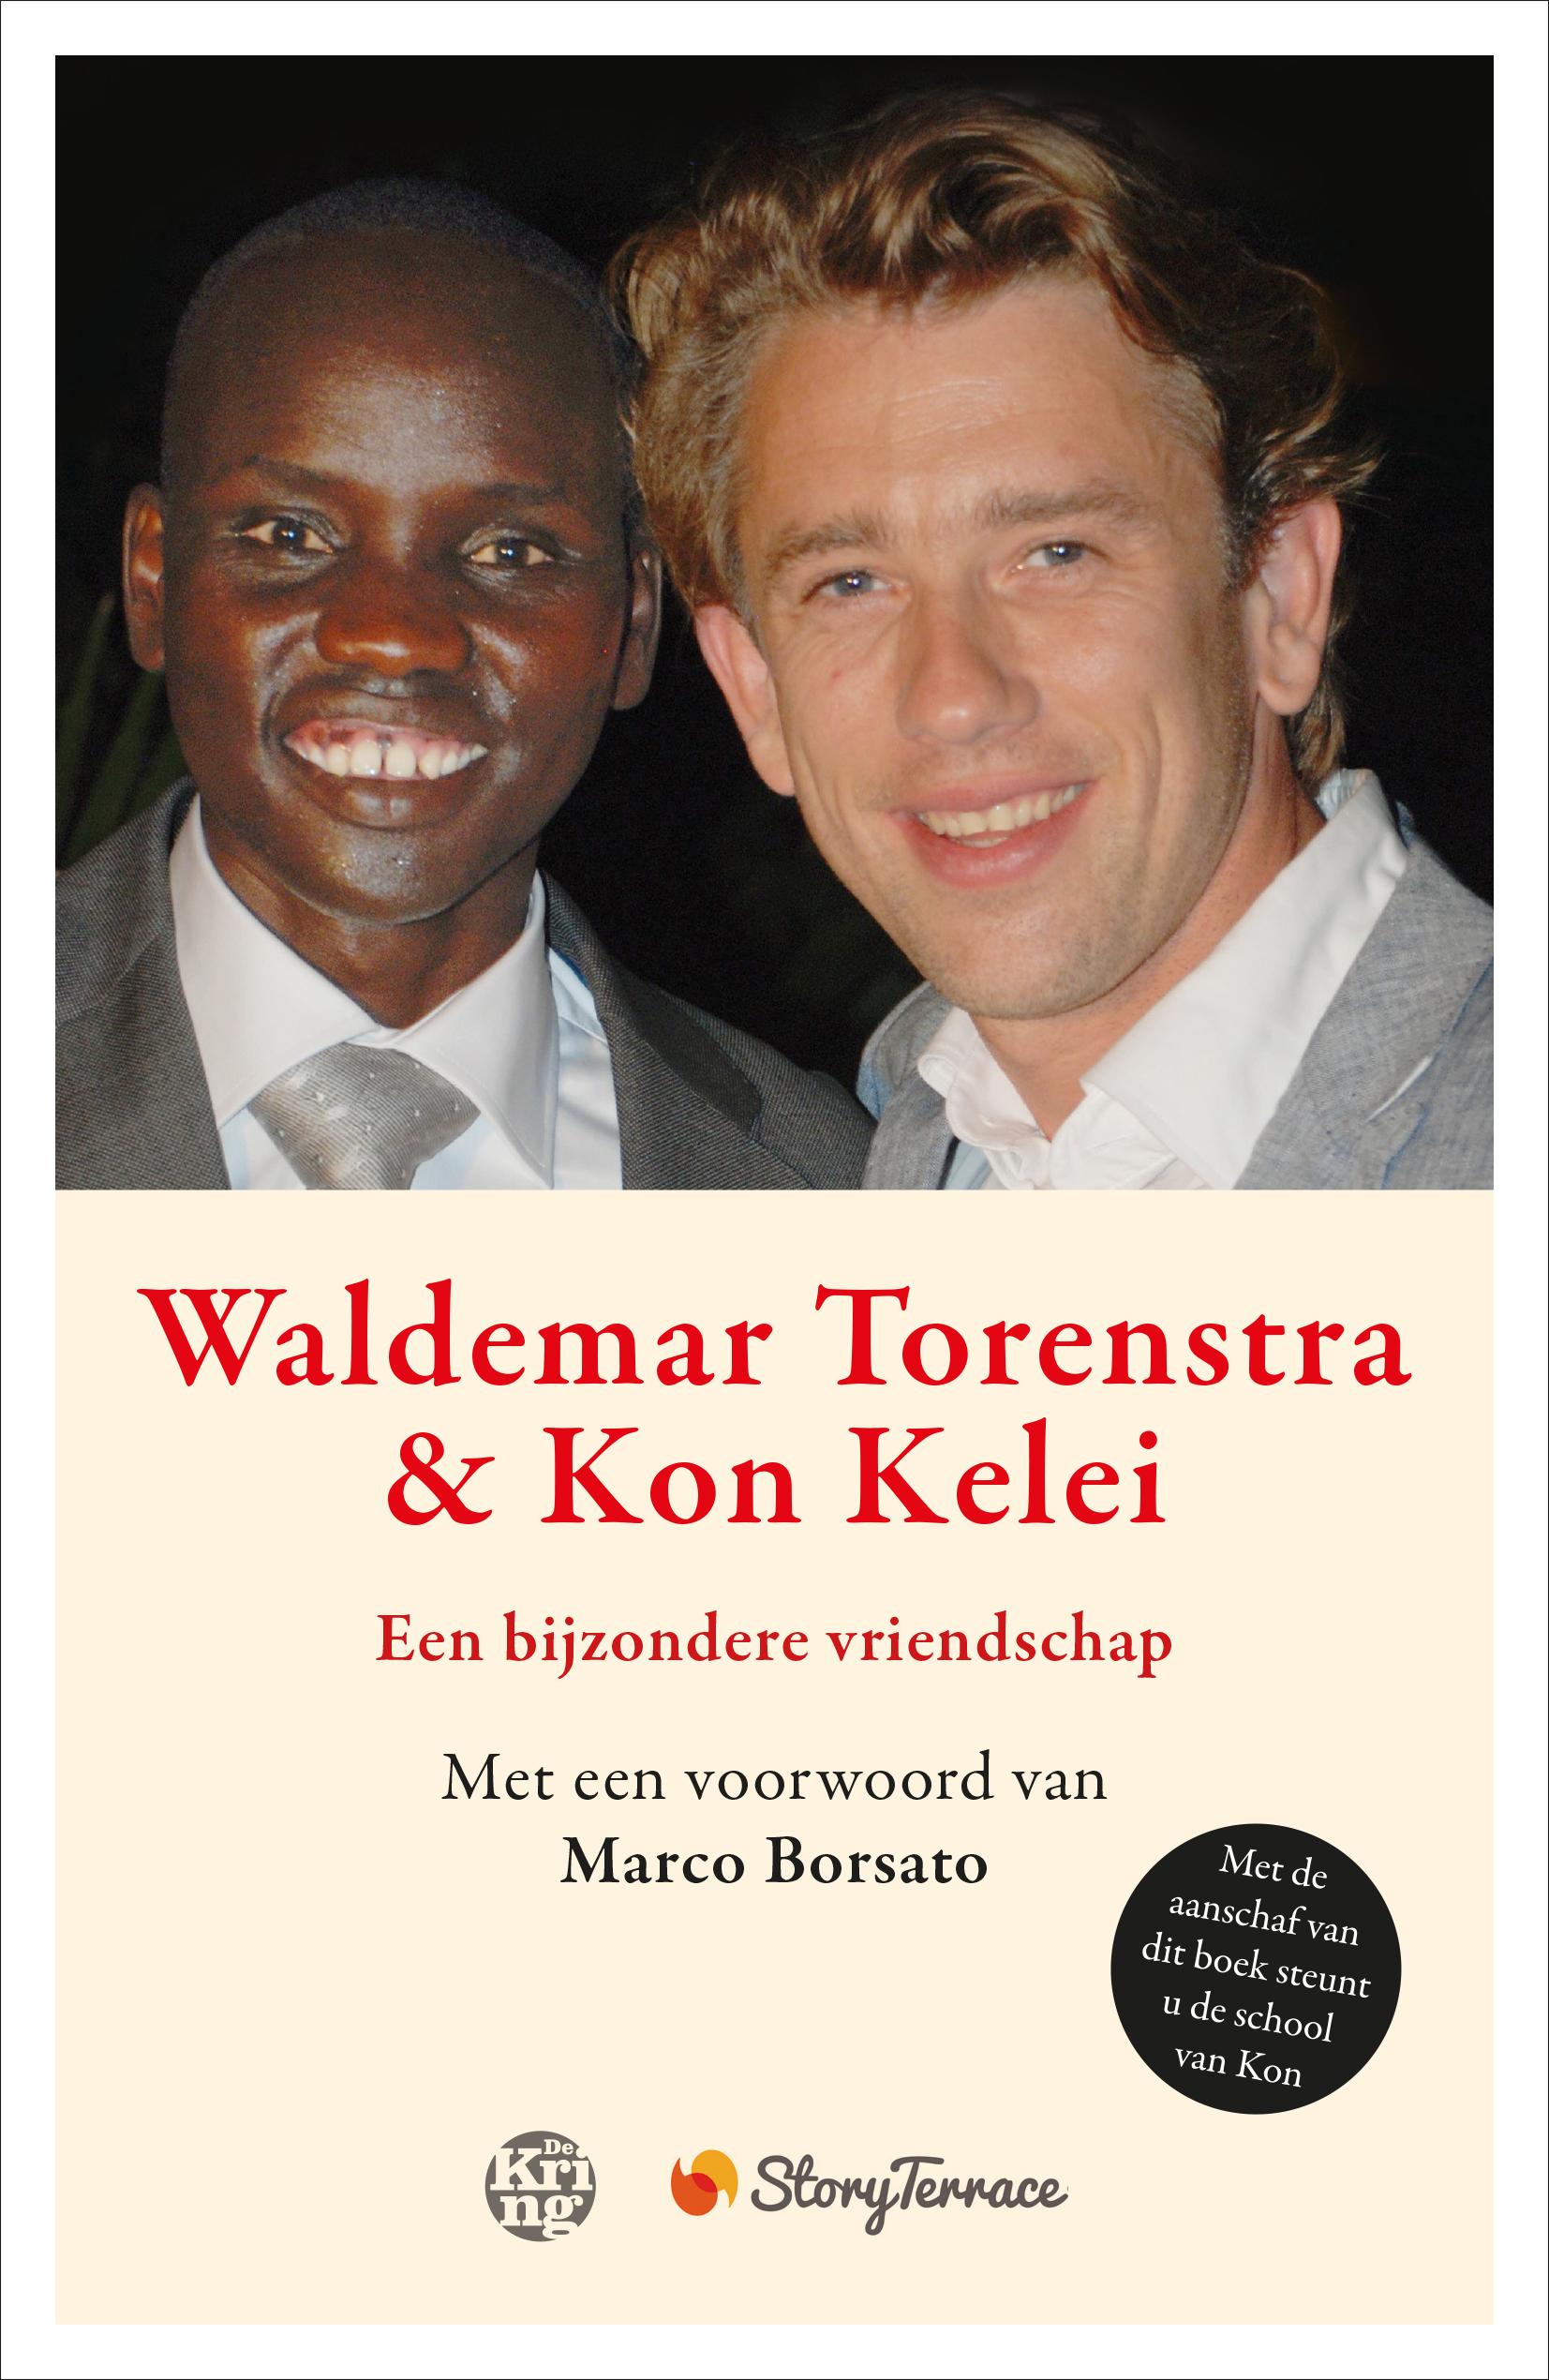 Een bijzondere vriendschap – Waldemar Torenstra en Kon Kelei